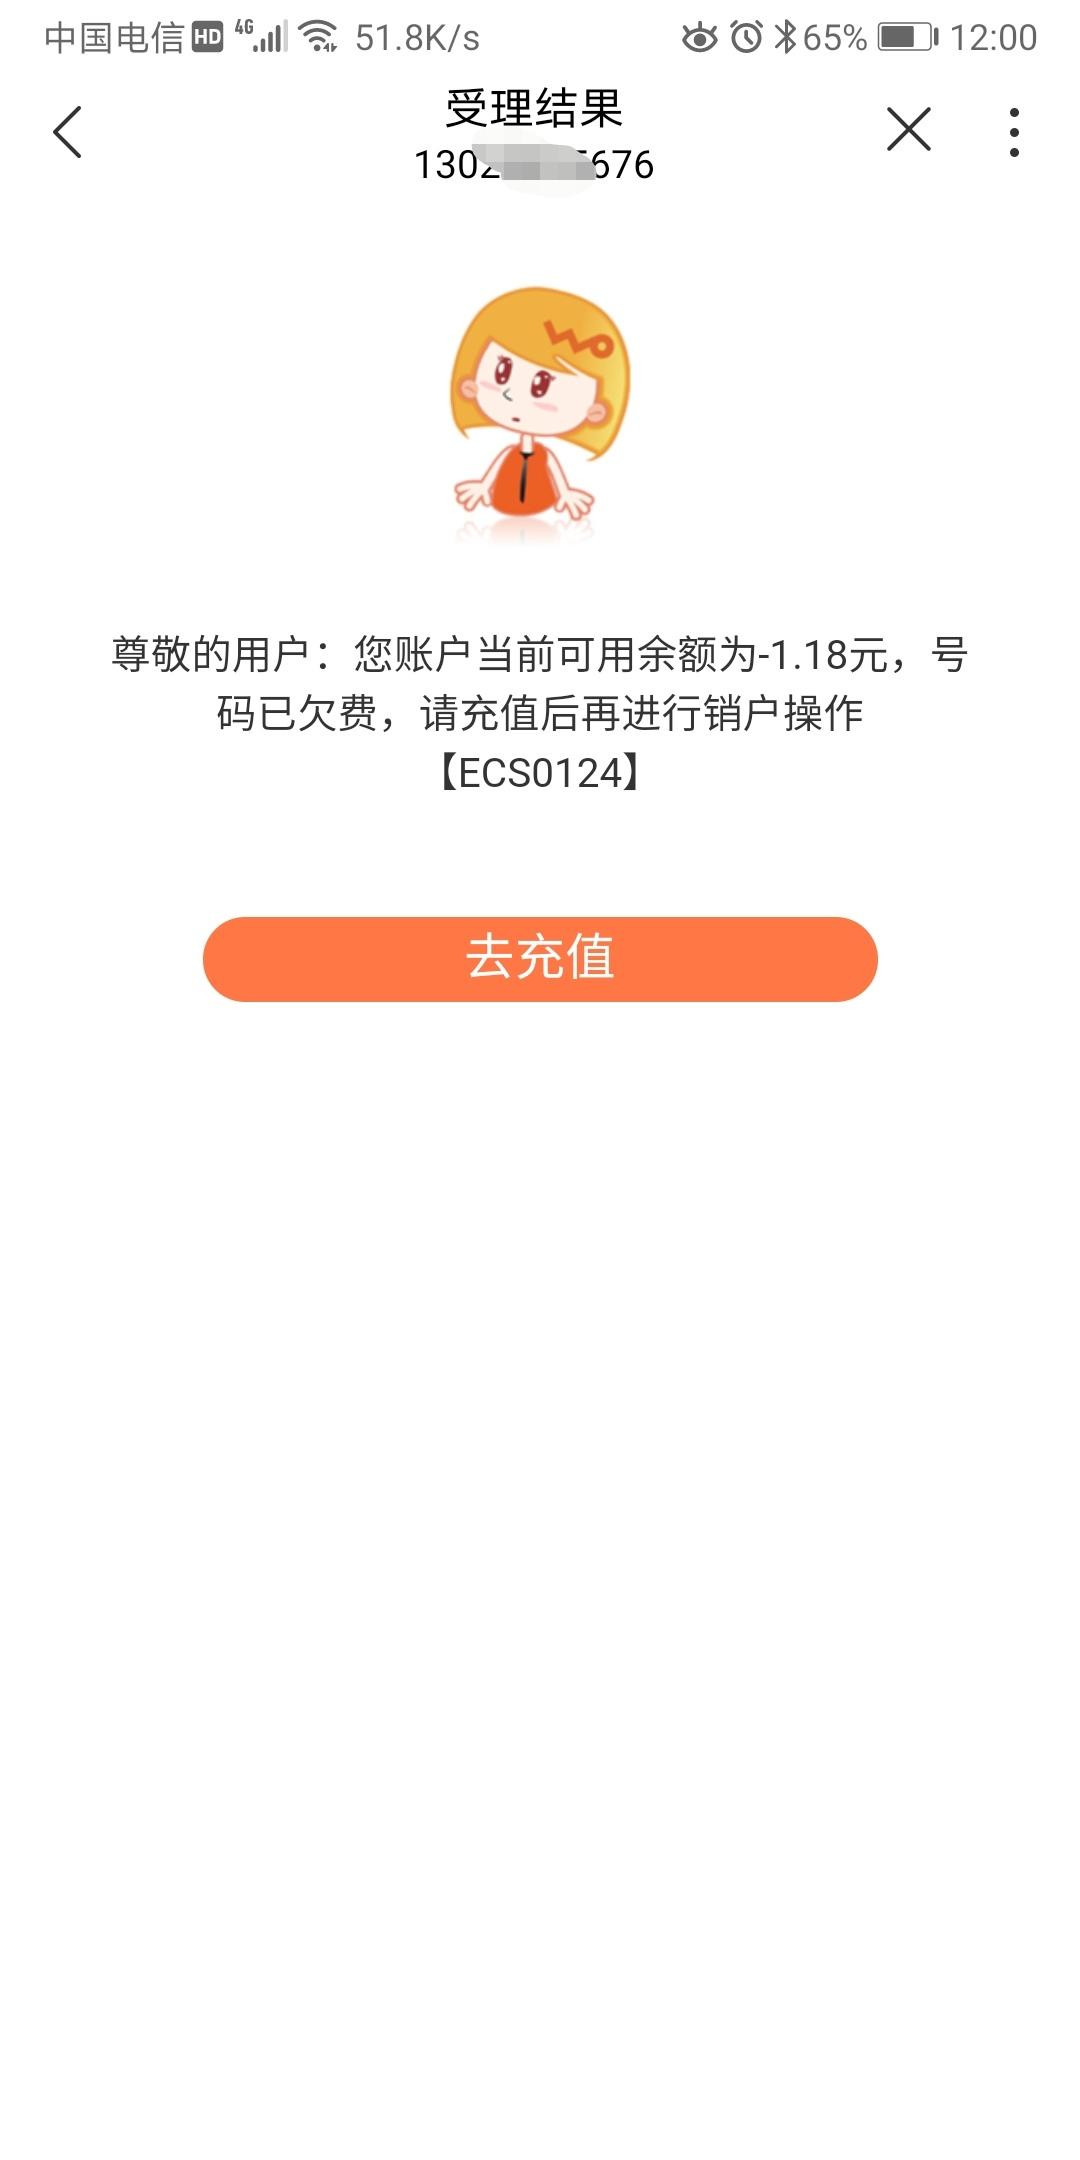 Screenshot_20200407_120038.jpg